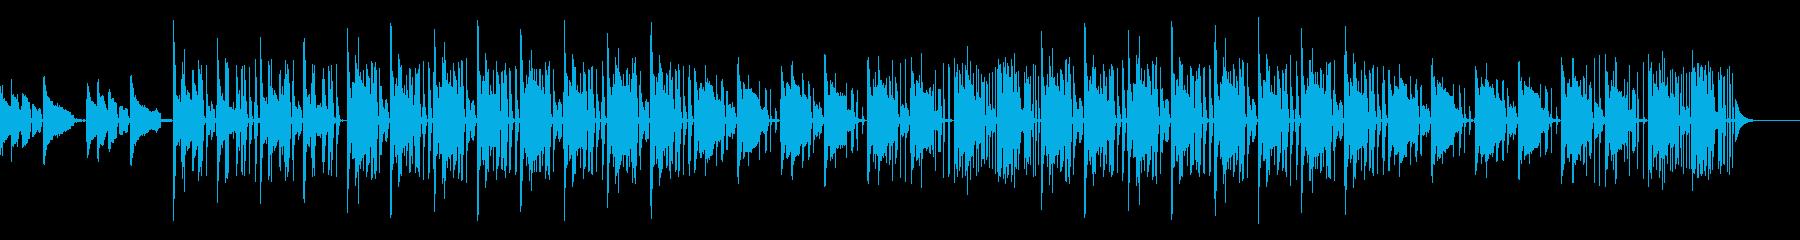 海外・Vlog・おしゃれ・洋楽チルアウトの再生済みの波形